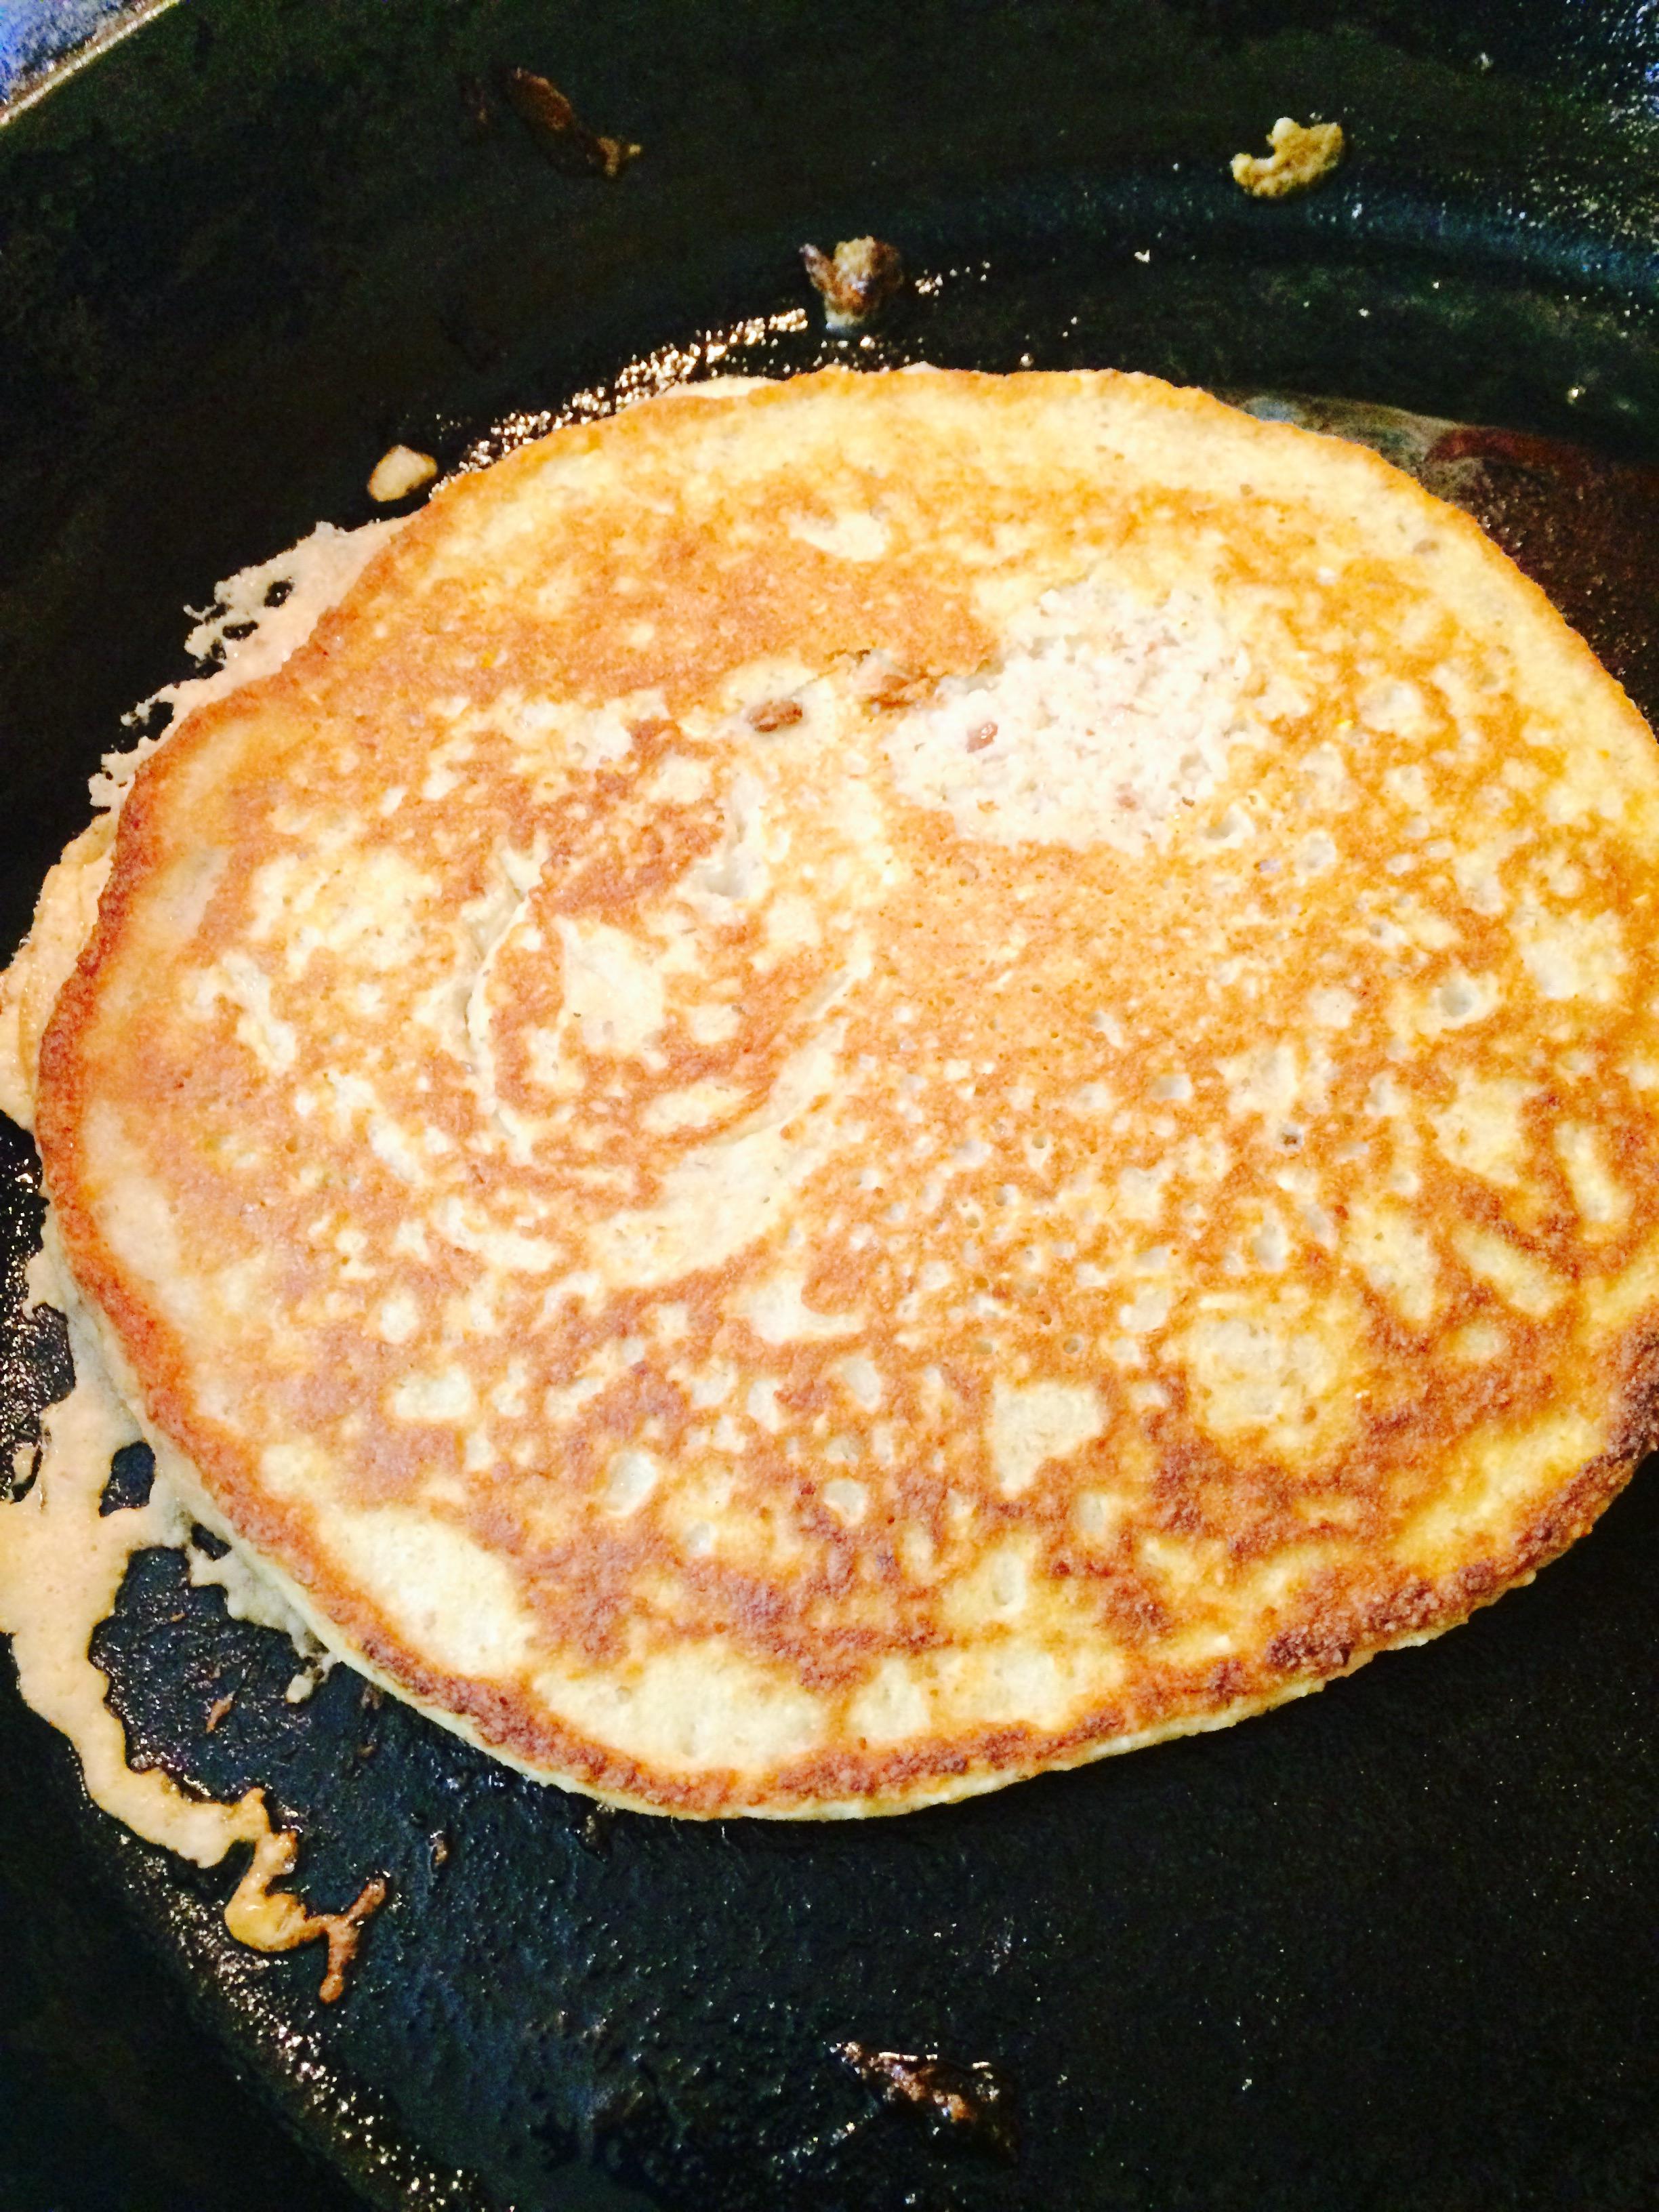 pancake in pan.jpg